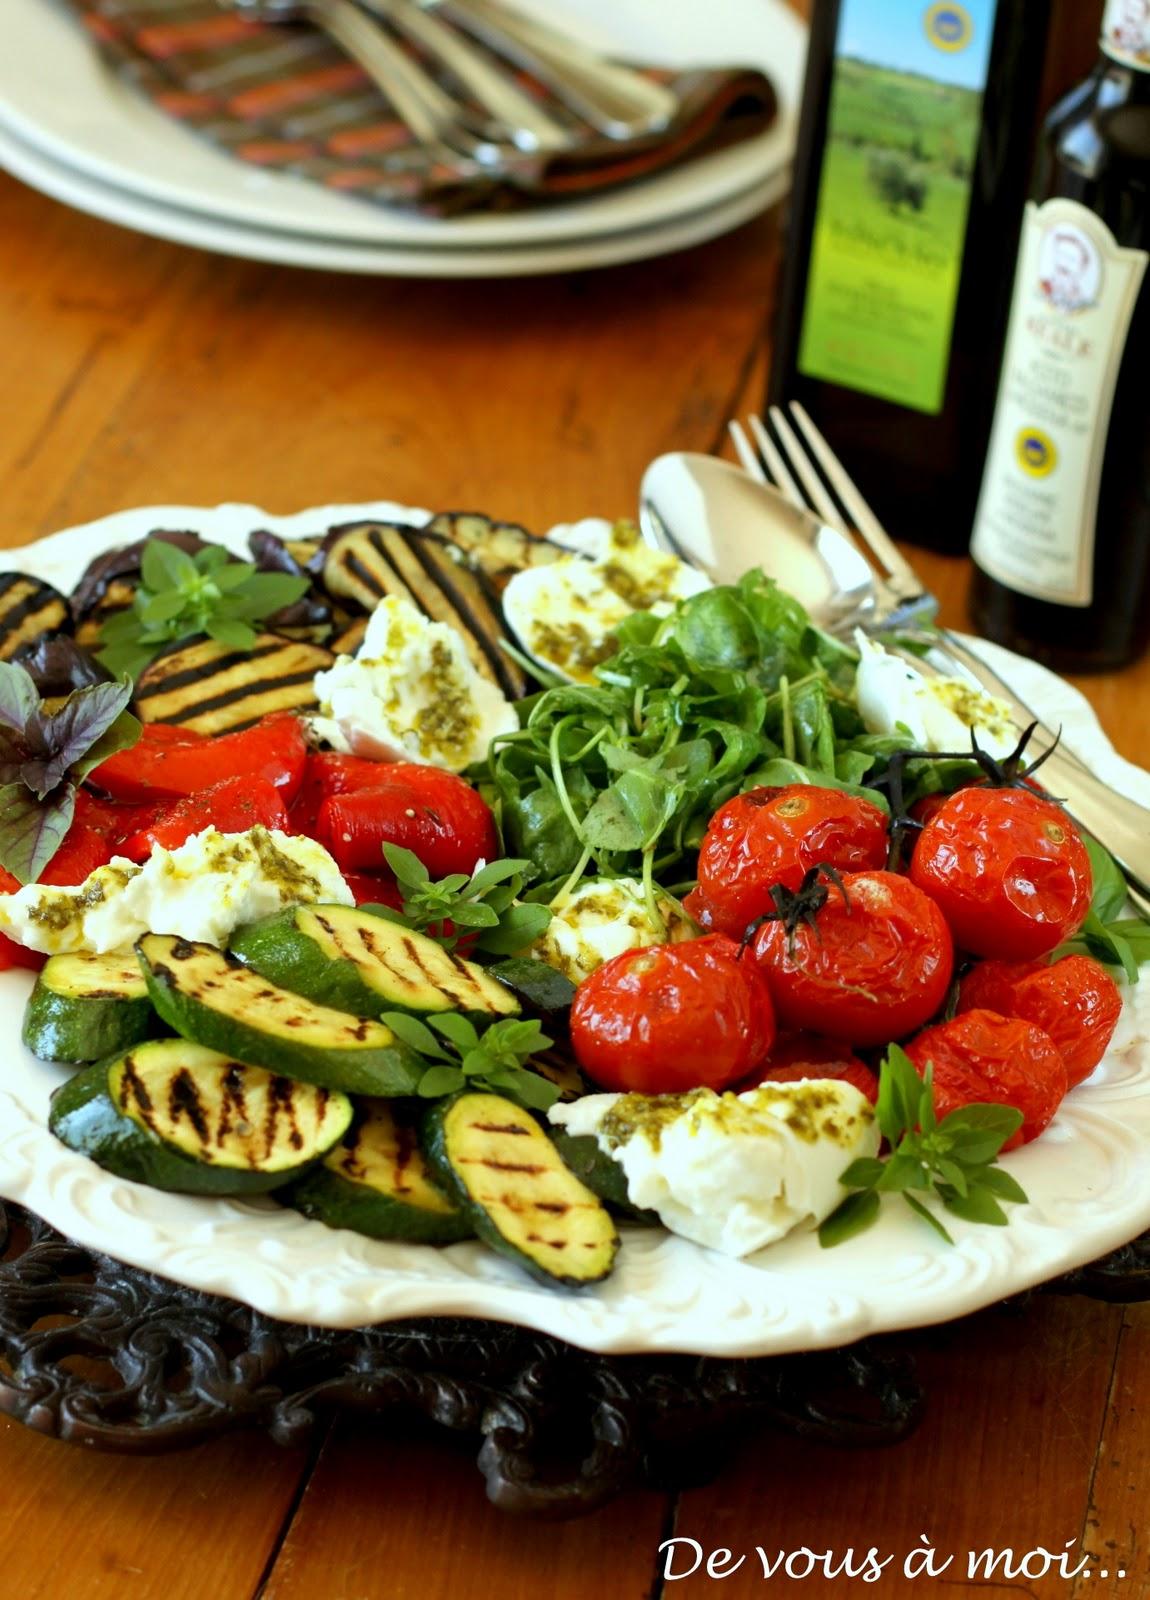 De vous moi antipasti l gumes grill s et marin s sous le charme de florence - Antipasti legumes grilles ...